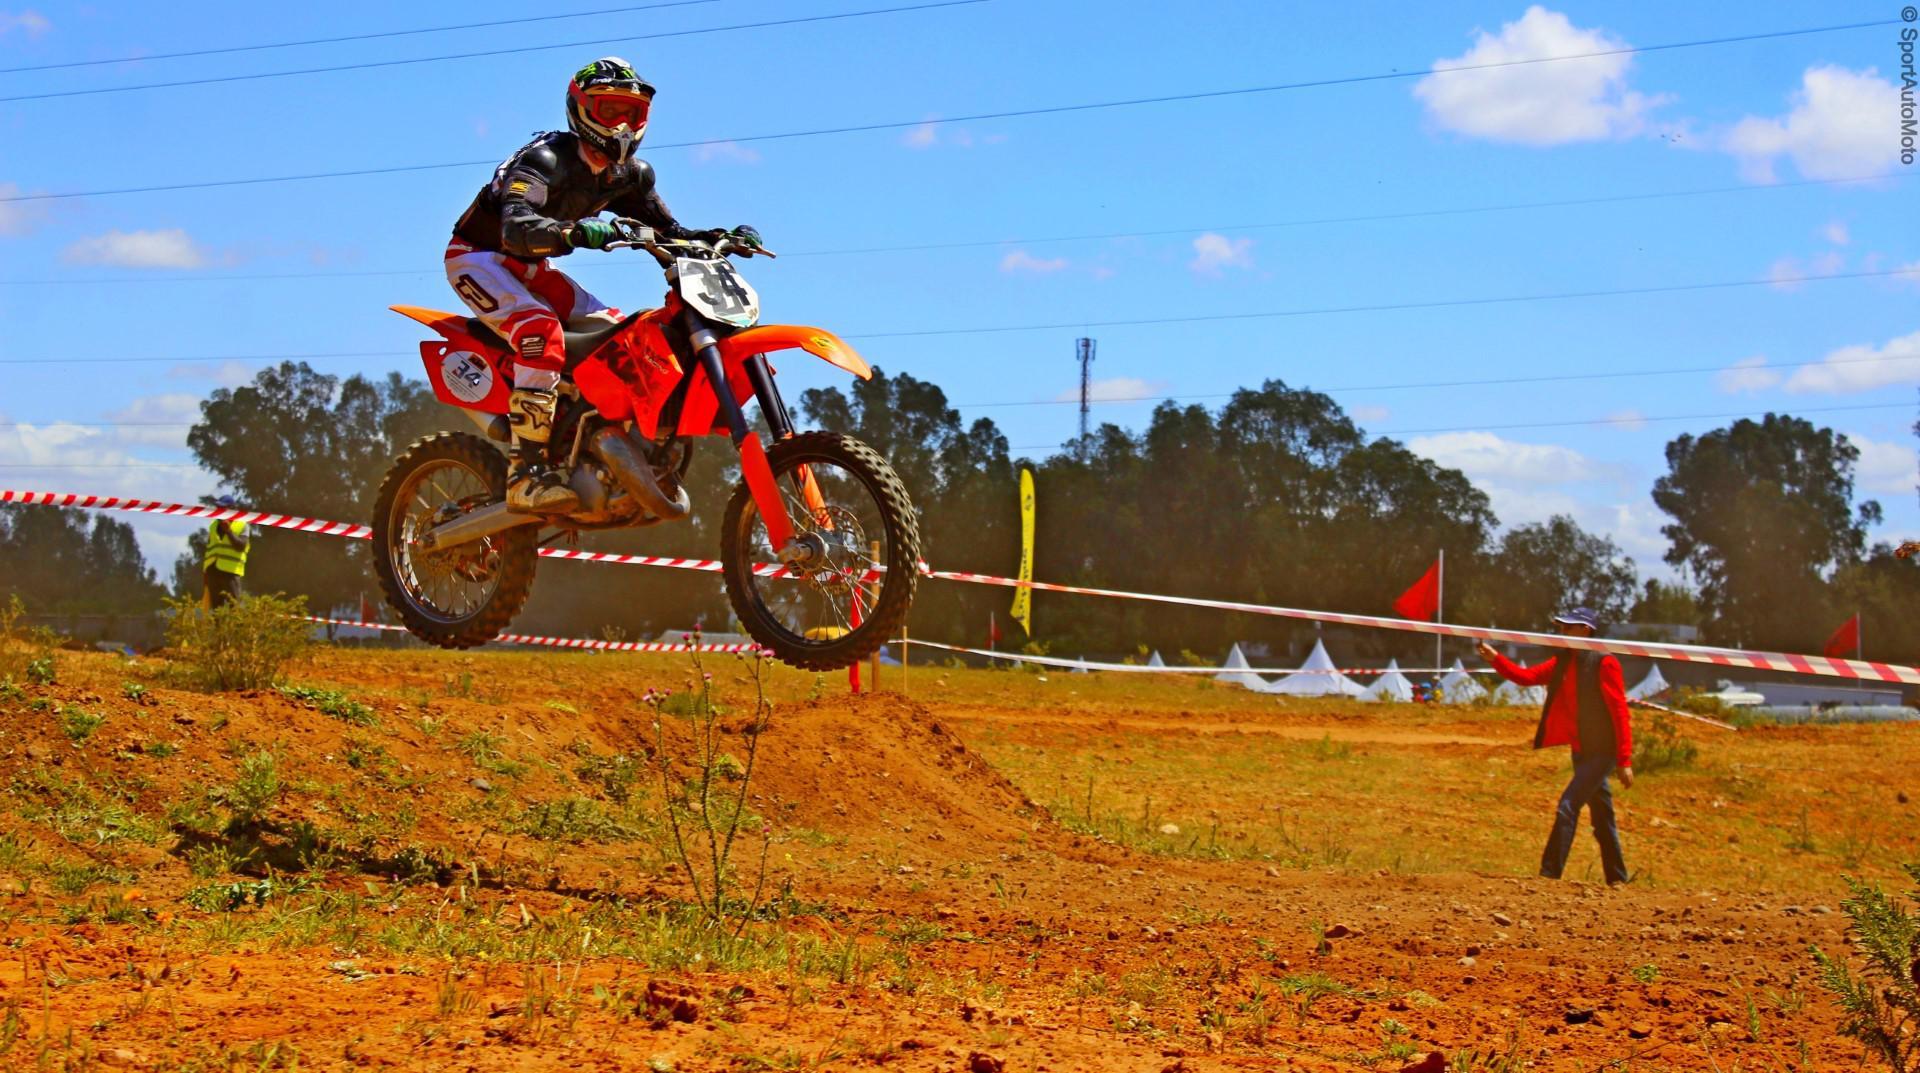 championnat-du-maroc-de-motocross-kenitra-774-21.jpg